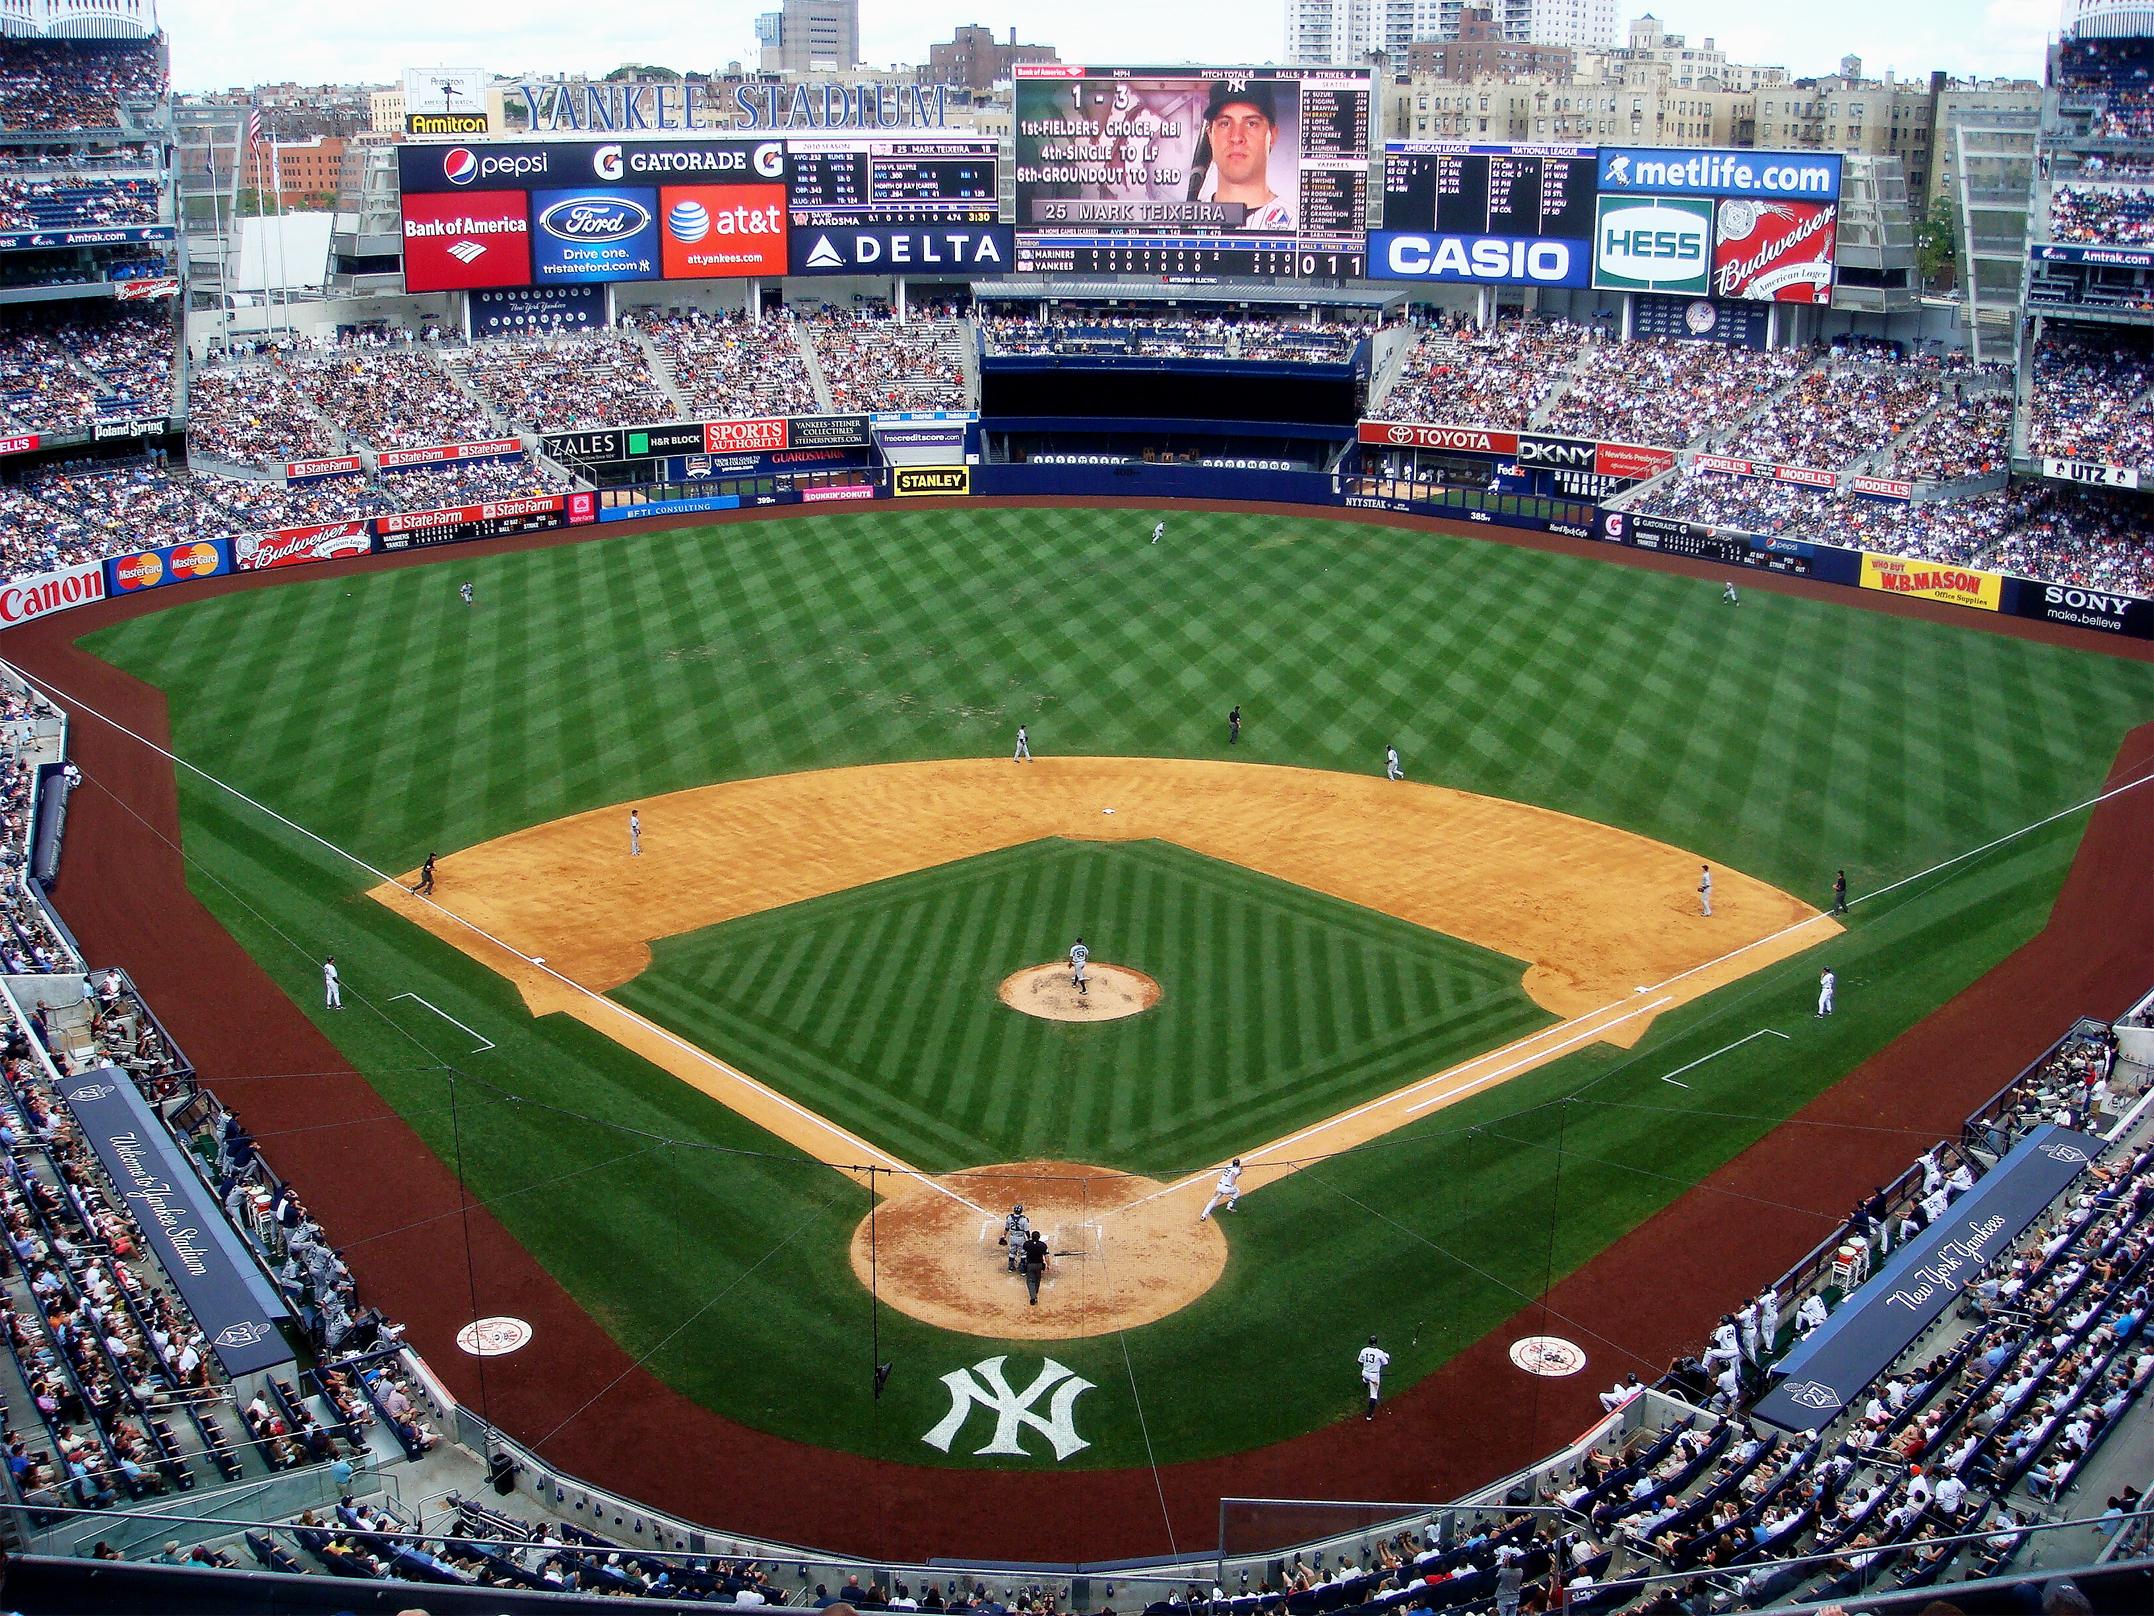 The New Yankee Stadium in 2010. Image credit:    Matt Boulton   /   Creative Commons